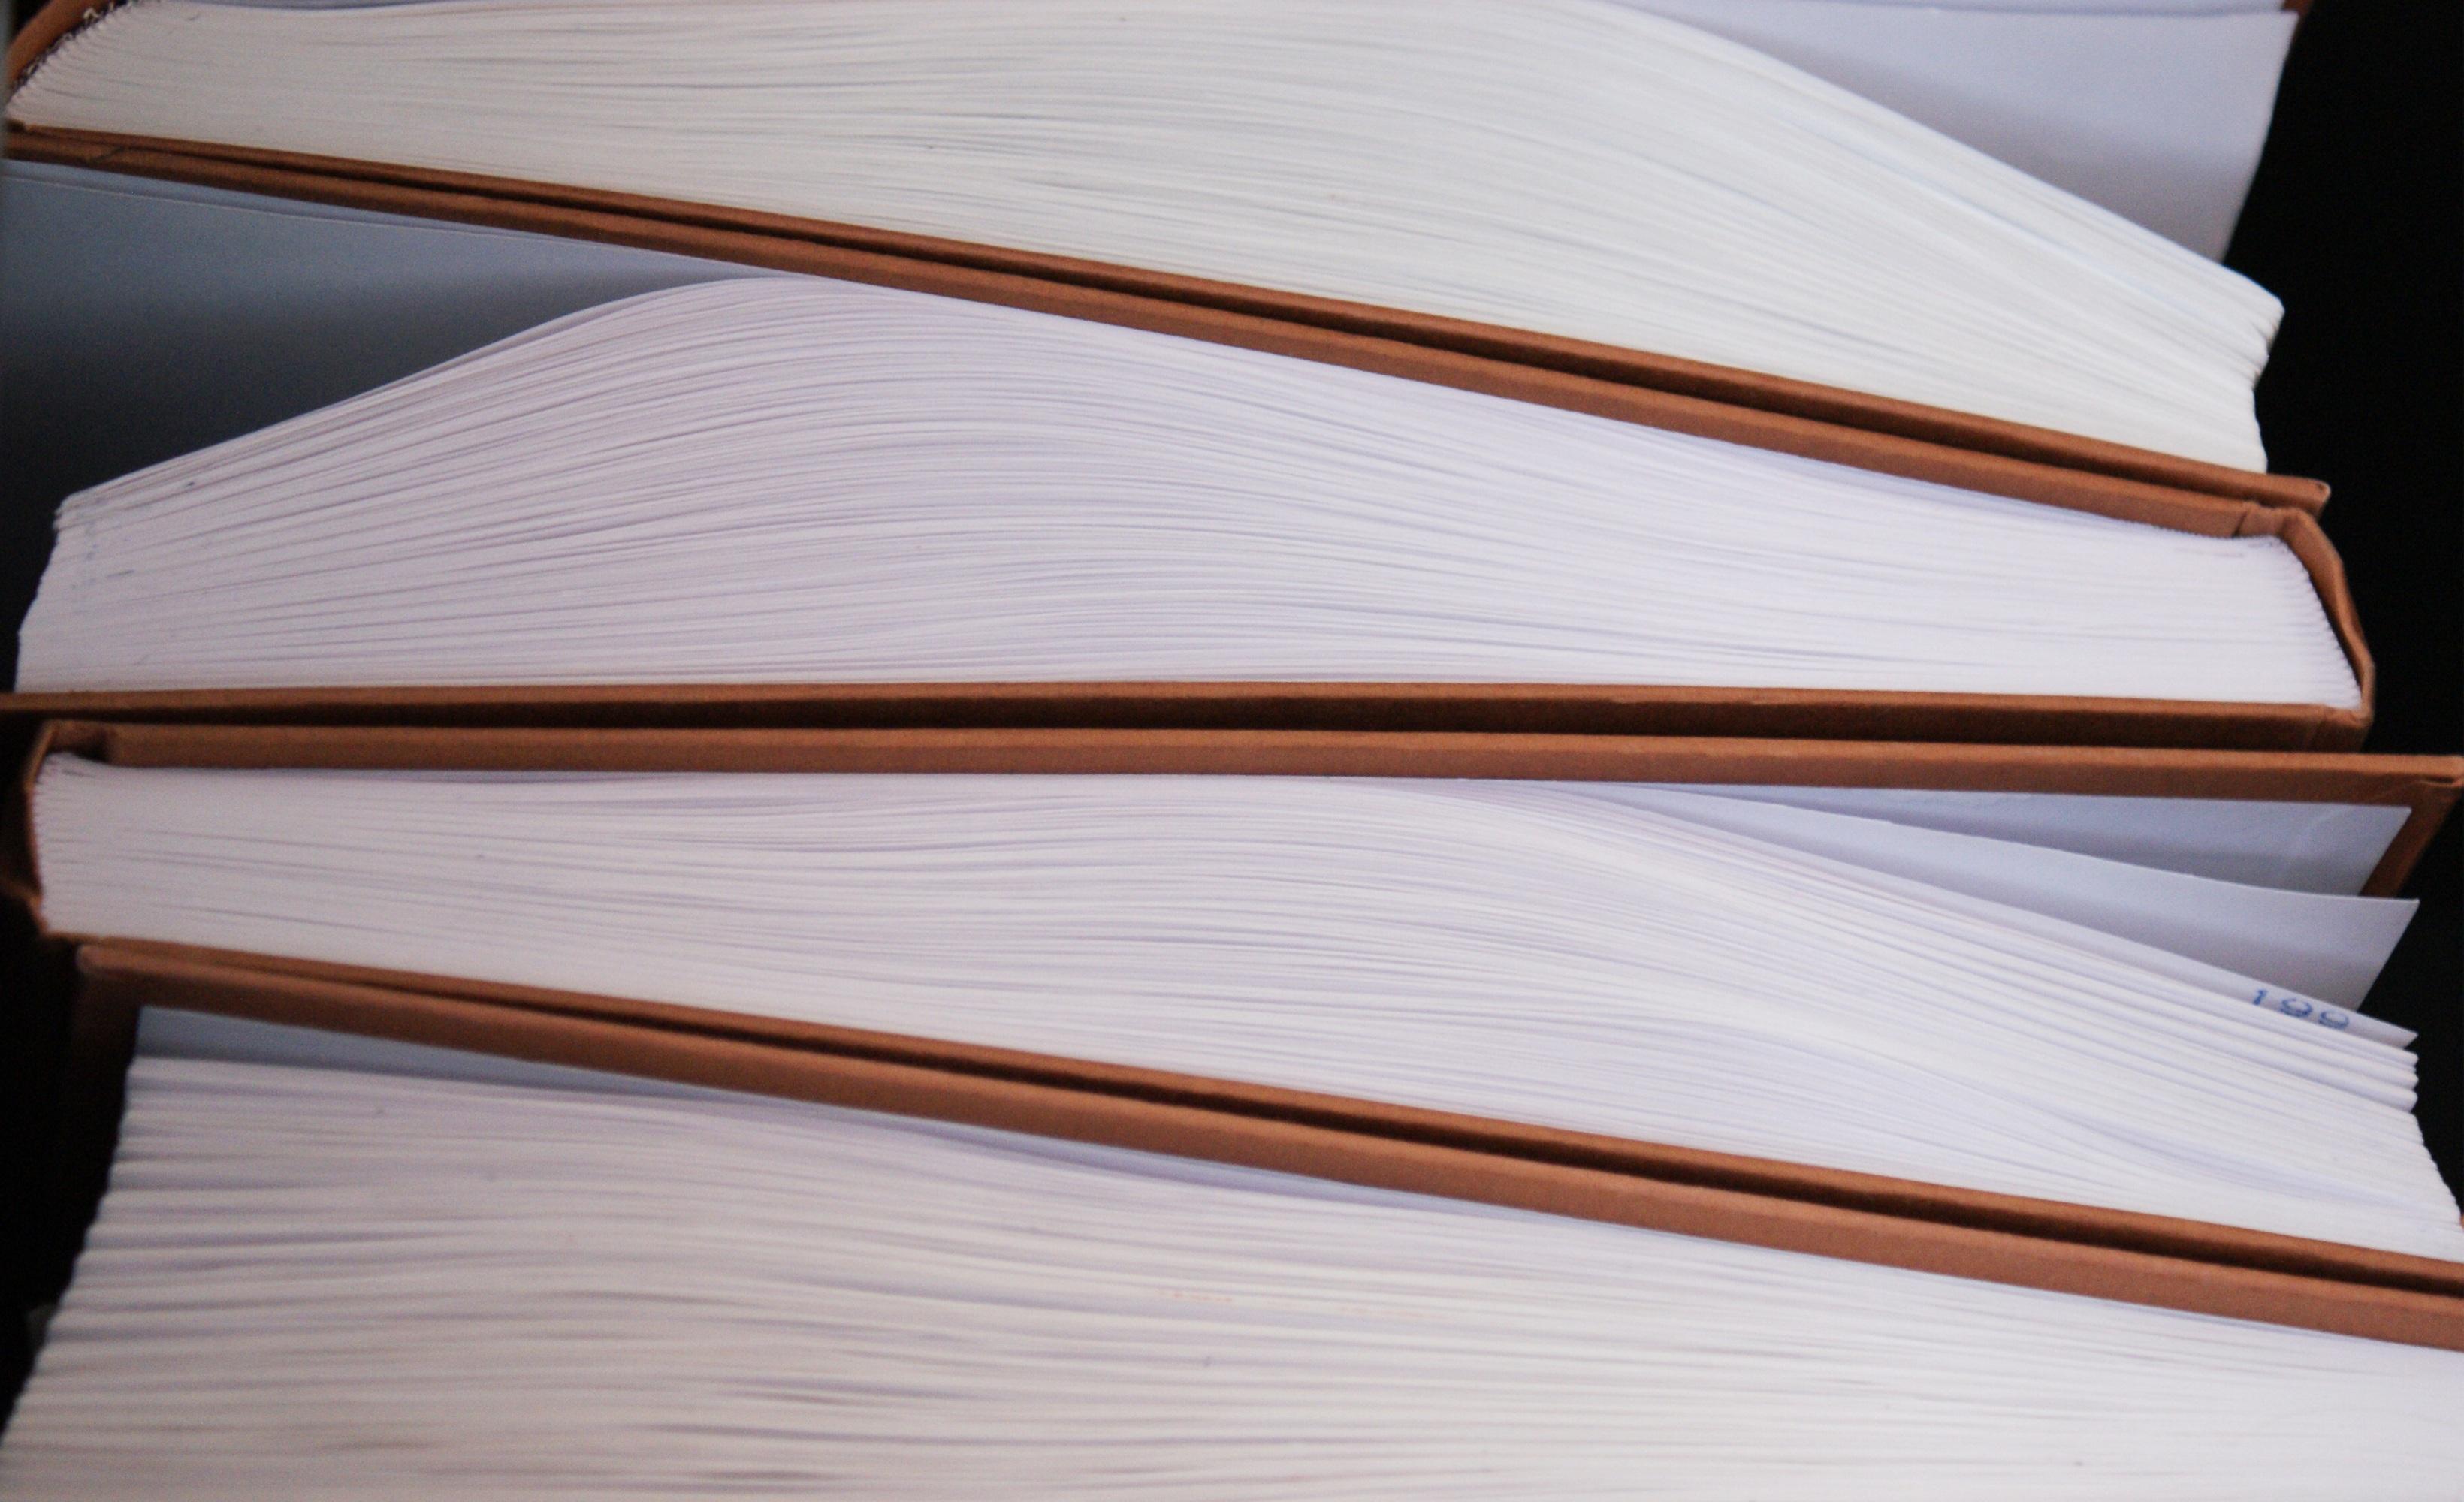 fotos gratis trabajo mesa leer ala negocio mueble papel diseo de interiores pginas libros noticias archivo